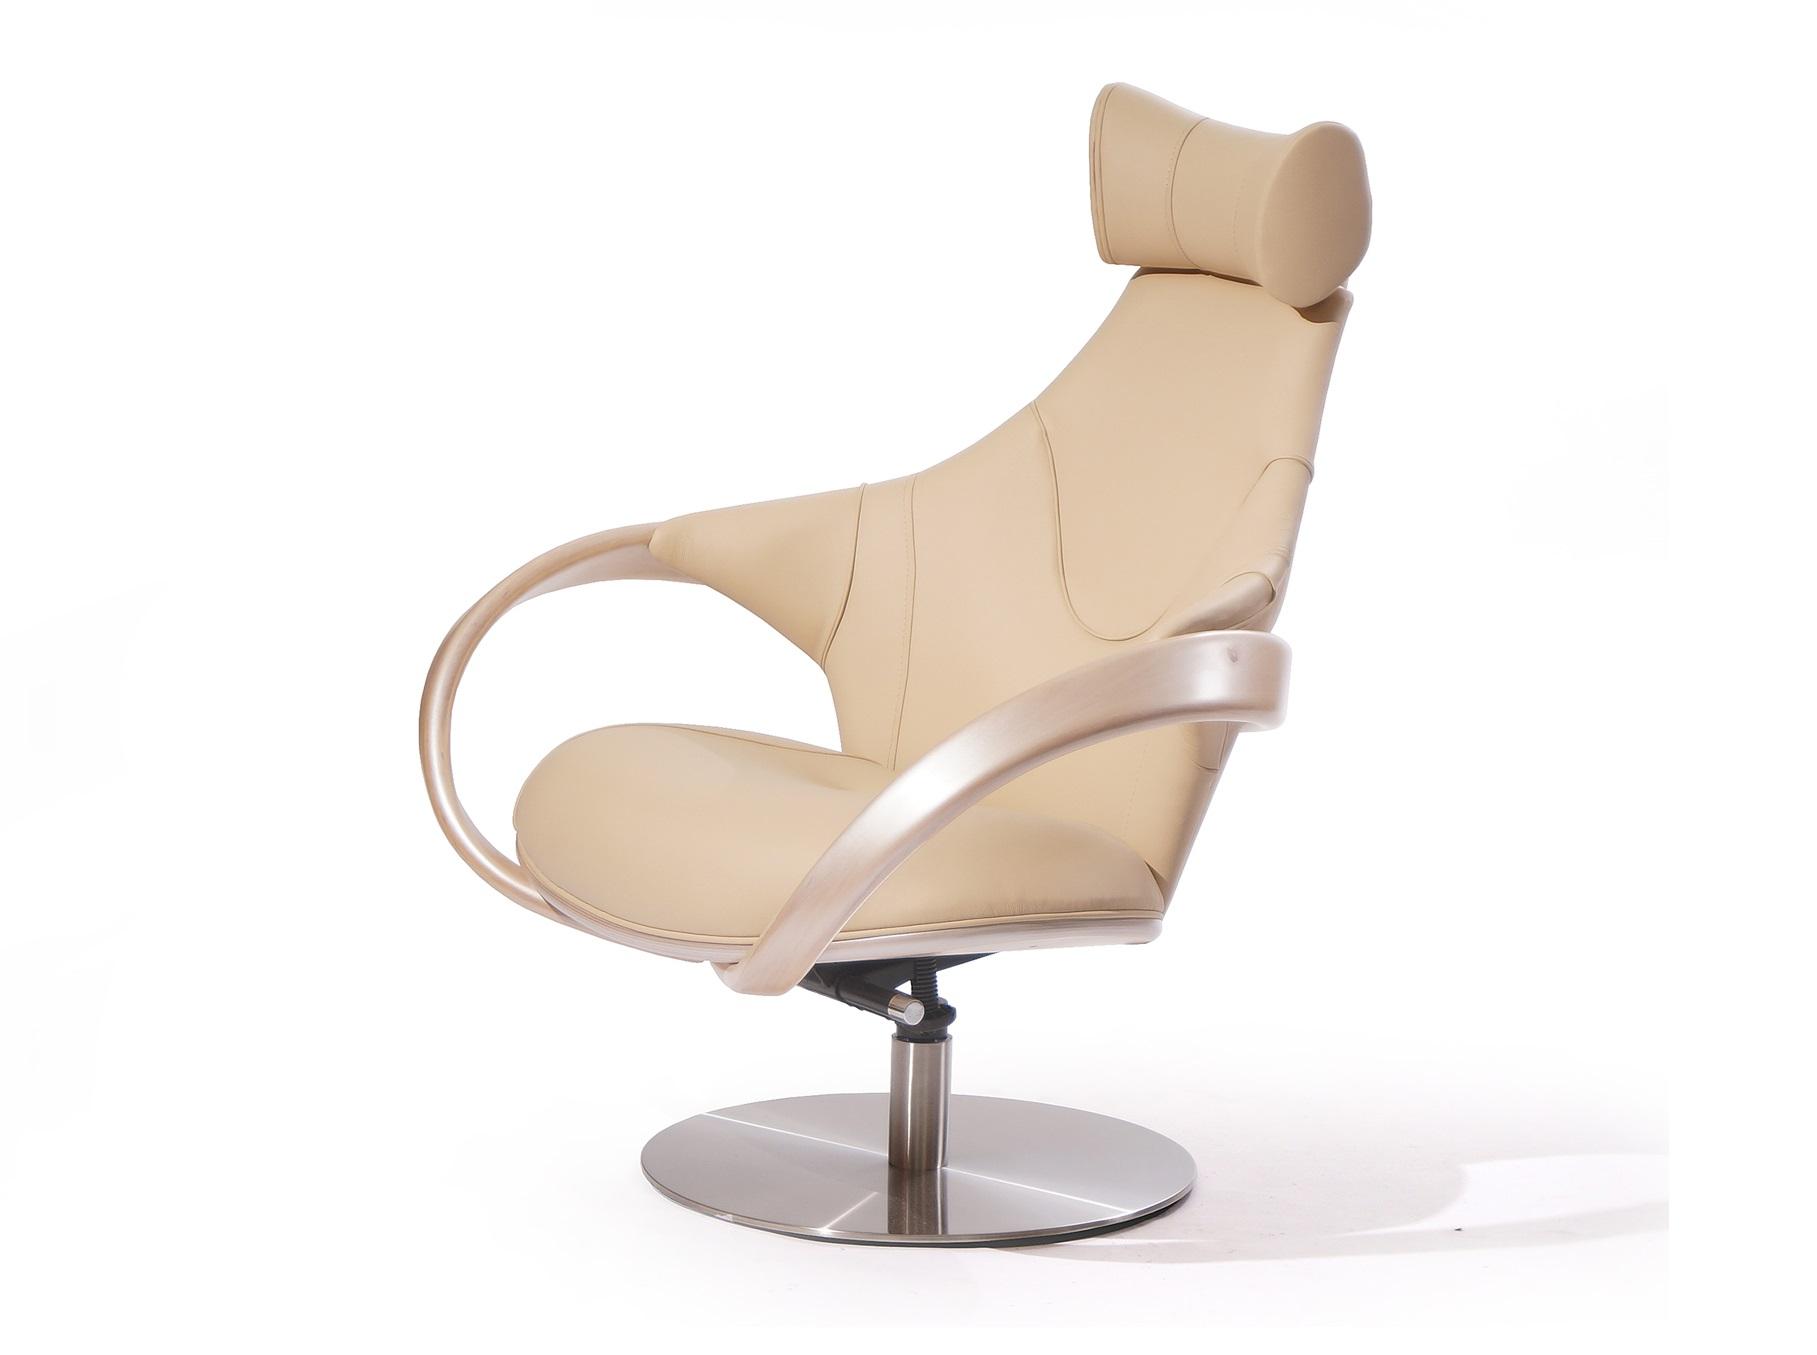 Кресло Apriori RКожаные кресла<br>&amp;lt;div&amp;gt;Удивительно удобное дизайнерское кресло с механизмом качения. Удачно дополнит комплект мягкой мебели в современную гостиную.&amp;amp;nbsp;&amp;lt;/div&amp;gt;&amp;lt;div&amp;gt;Материал: натуральное дерево, береза.&amp;lt;/div&amp;gt;&amp;lt;div&amp;gt;Обивка: натуральная кожа.&amp;lt;/div&amp;gt;<br><br>Material: Кожа<br>Ширина см: 85.0<br>Высота см: 110.0<br>Глубина см: 102.0